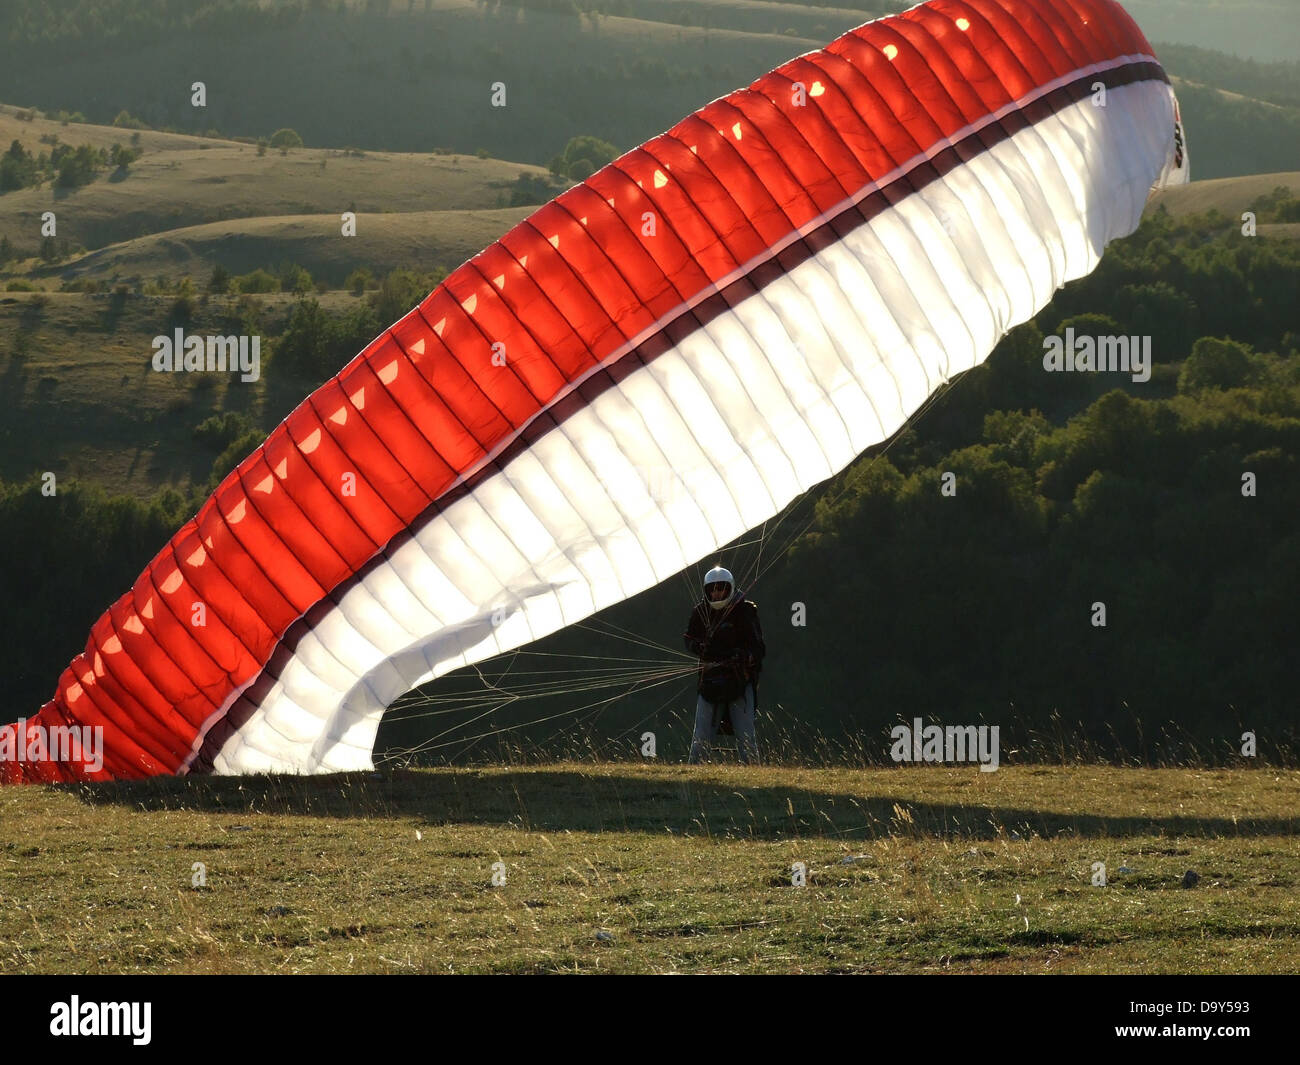 Parapente parachute vent sport sport extrême Photo Stock